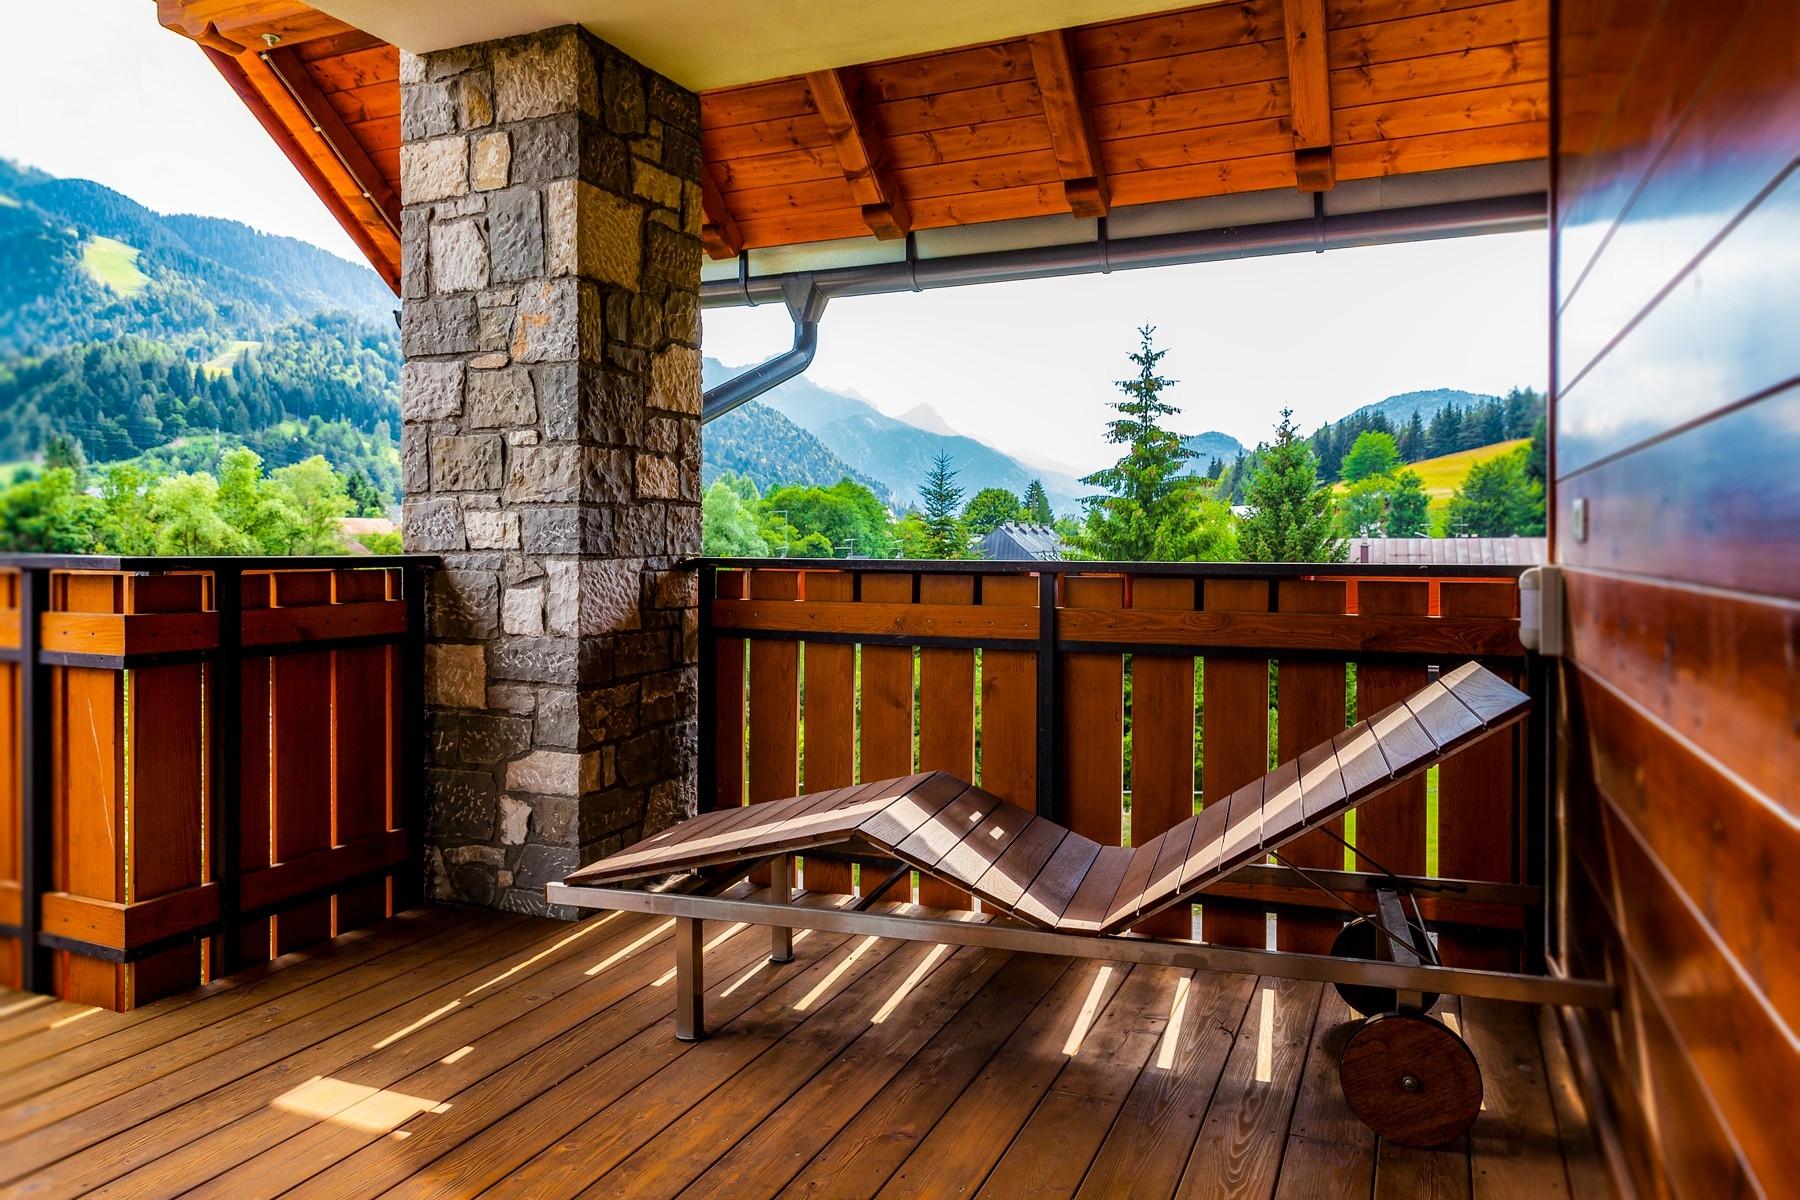 Casa indipendente in Vendita a Tarvisio: 5 locali, 300 mq - Foto 18